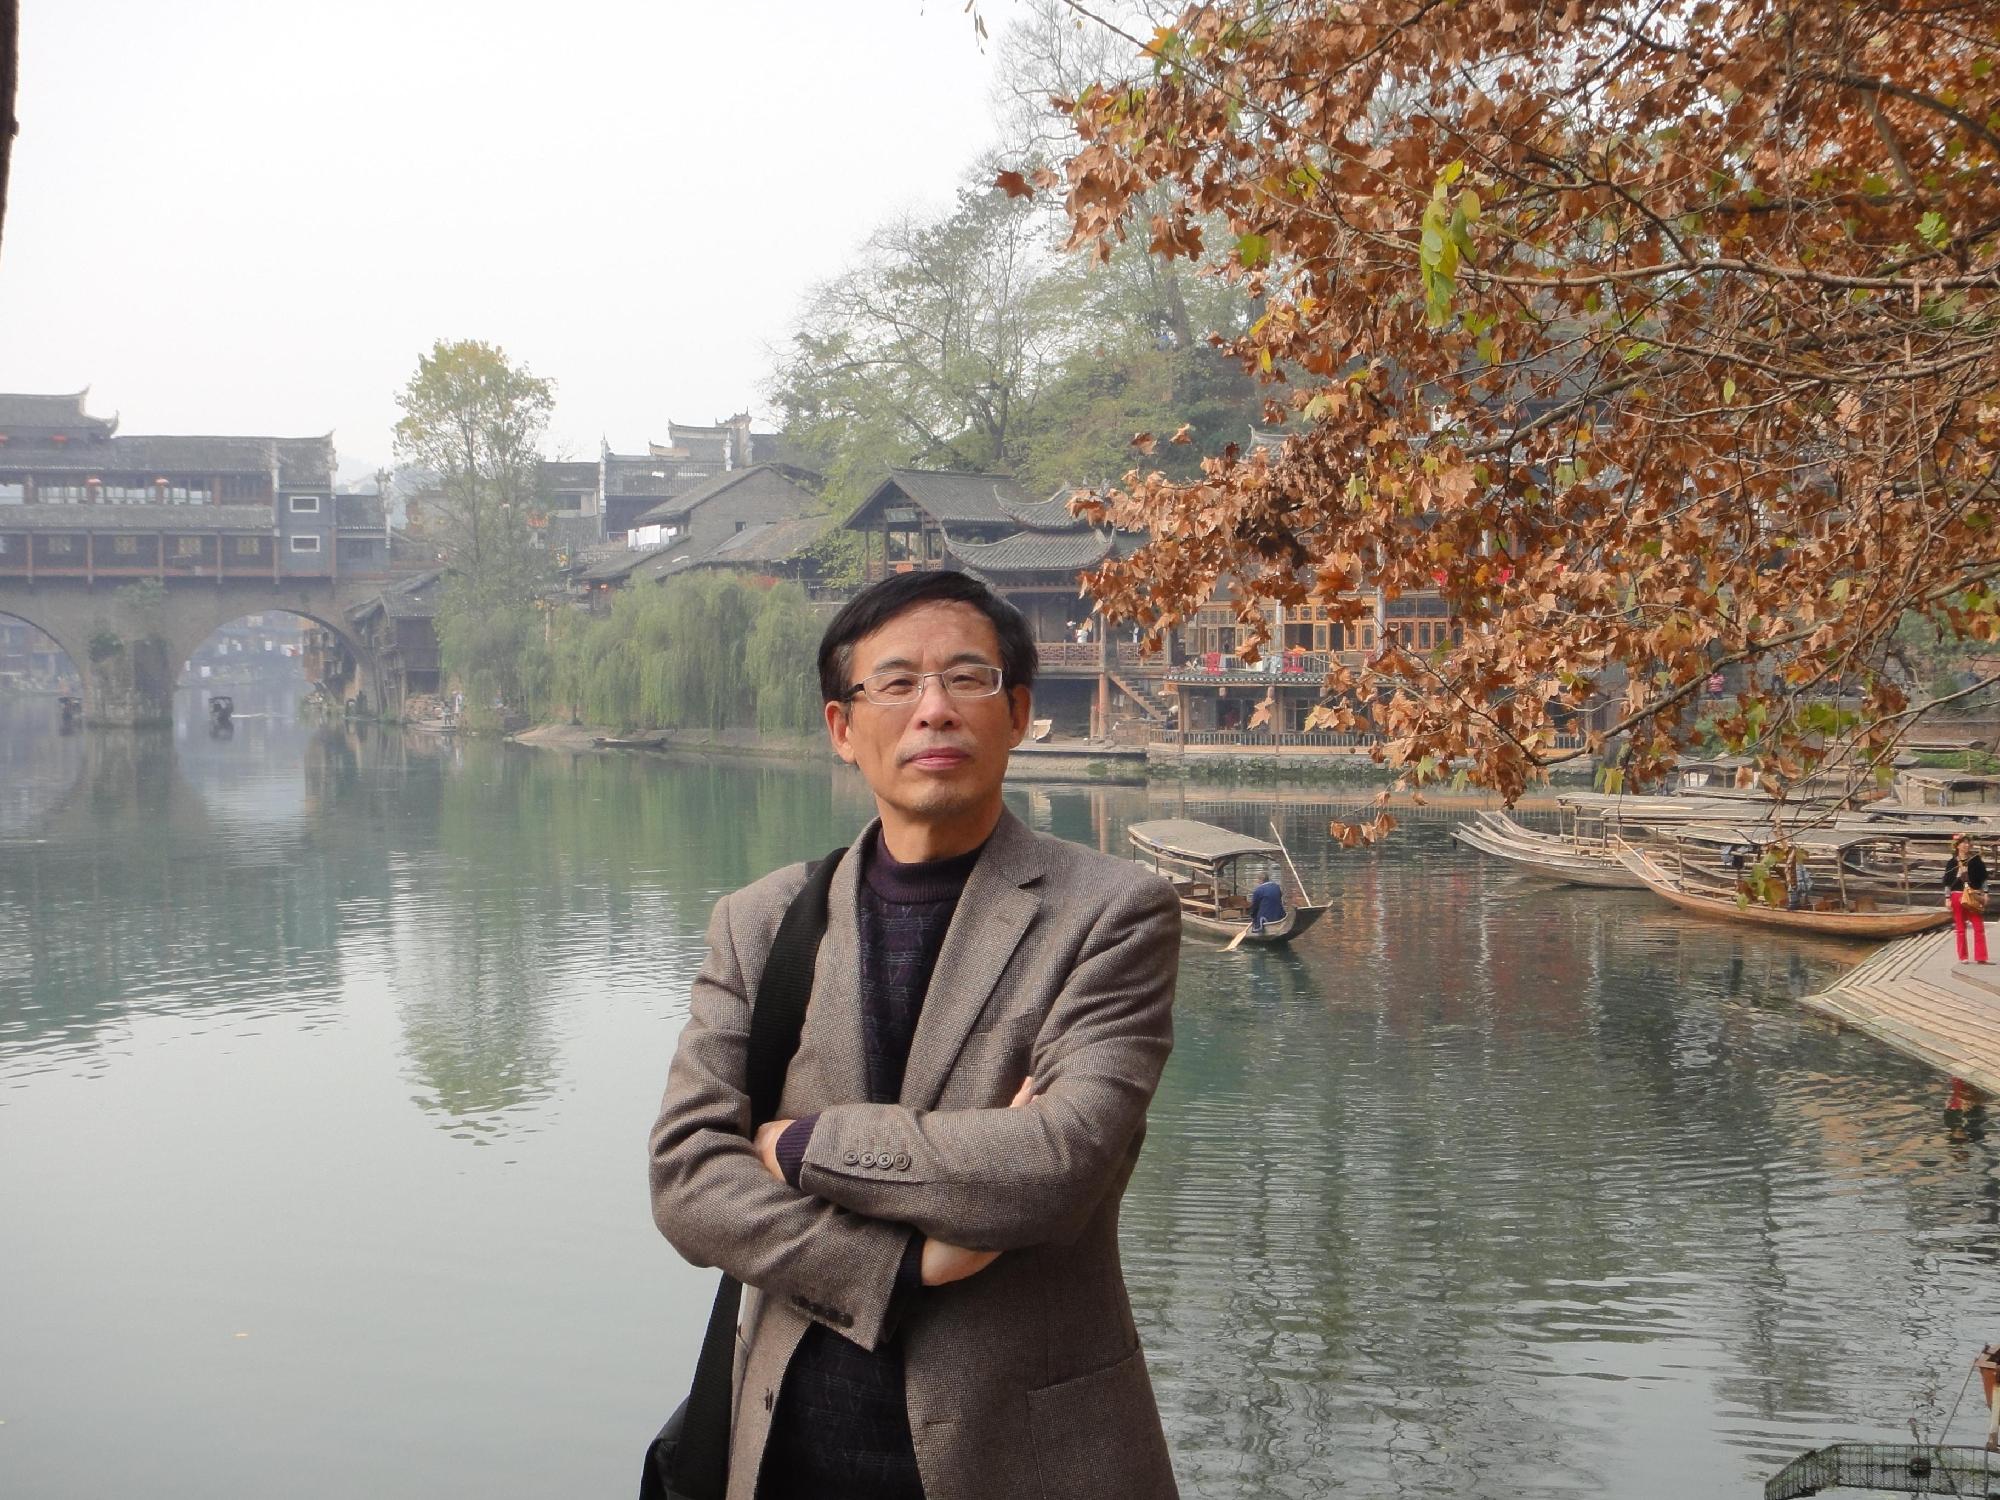 马志强(浙江传媒学院播音主持艺术学院教授) - 搜狗